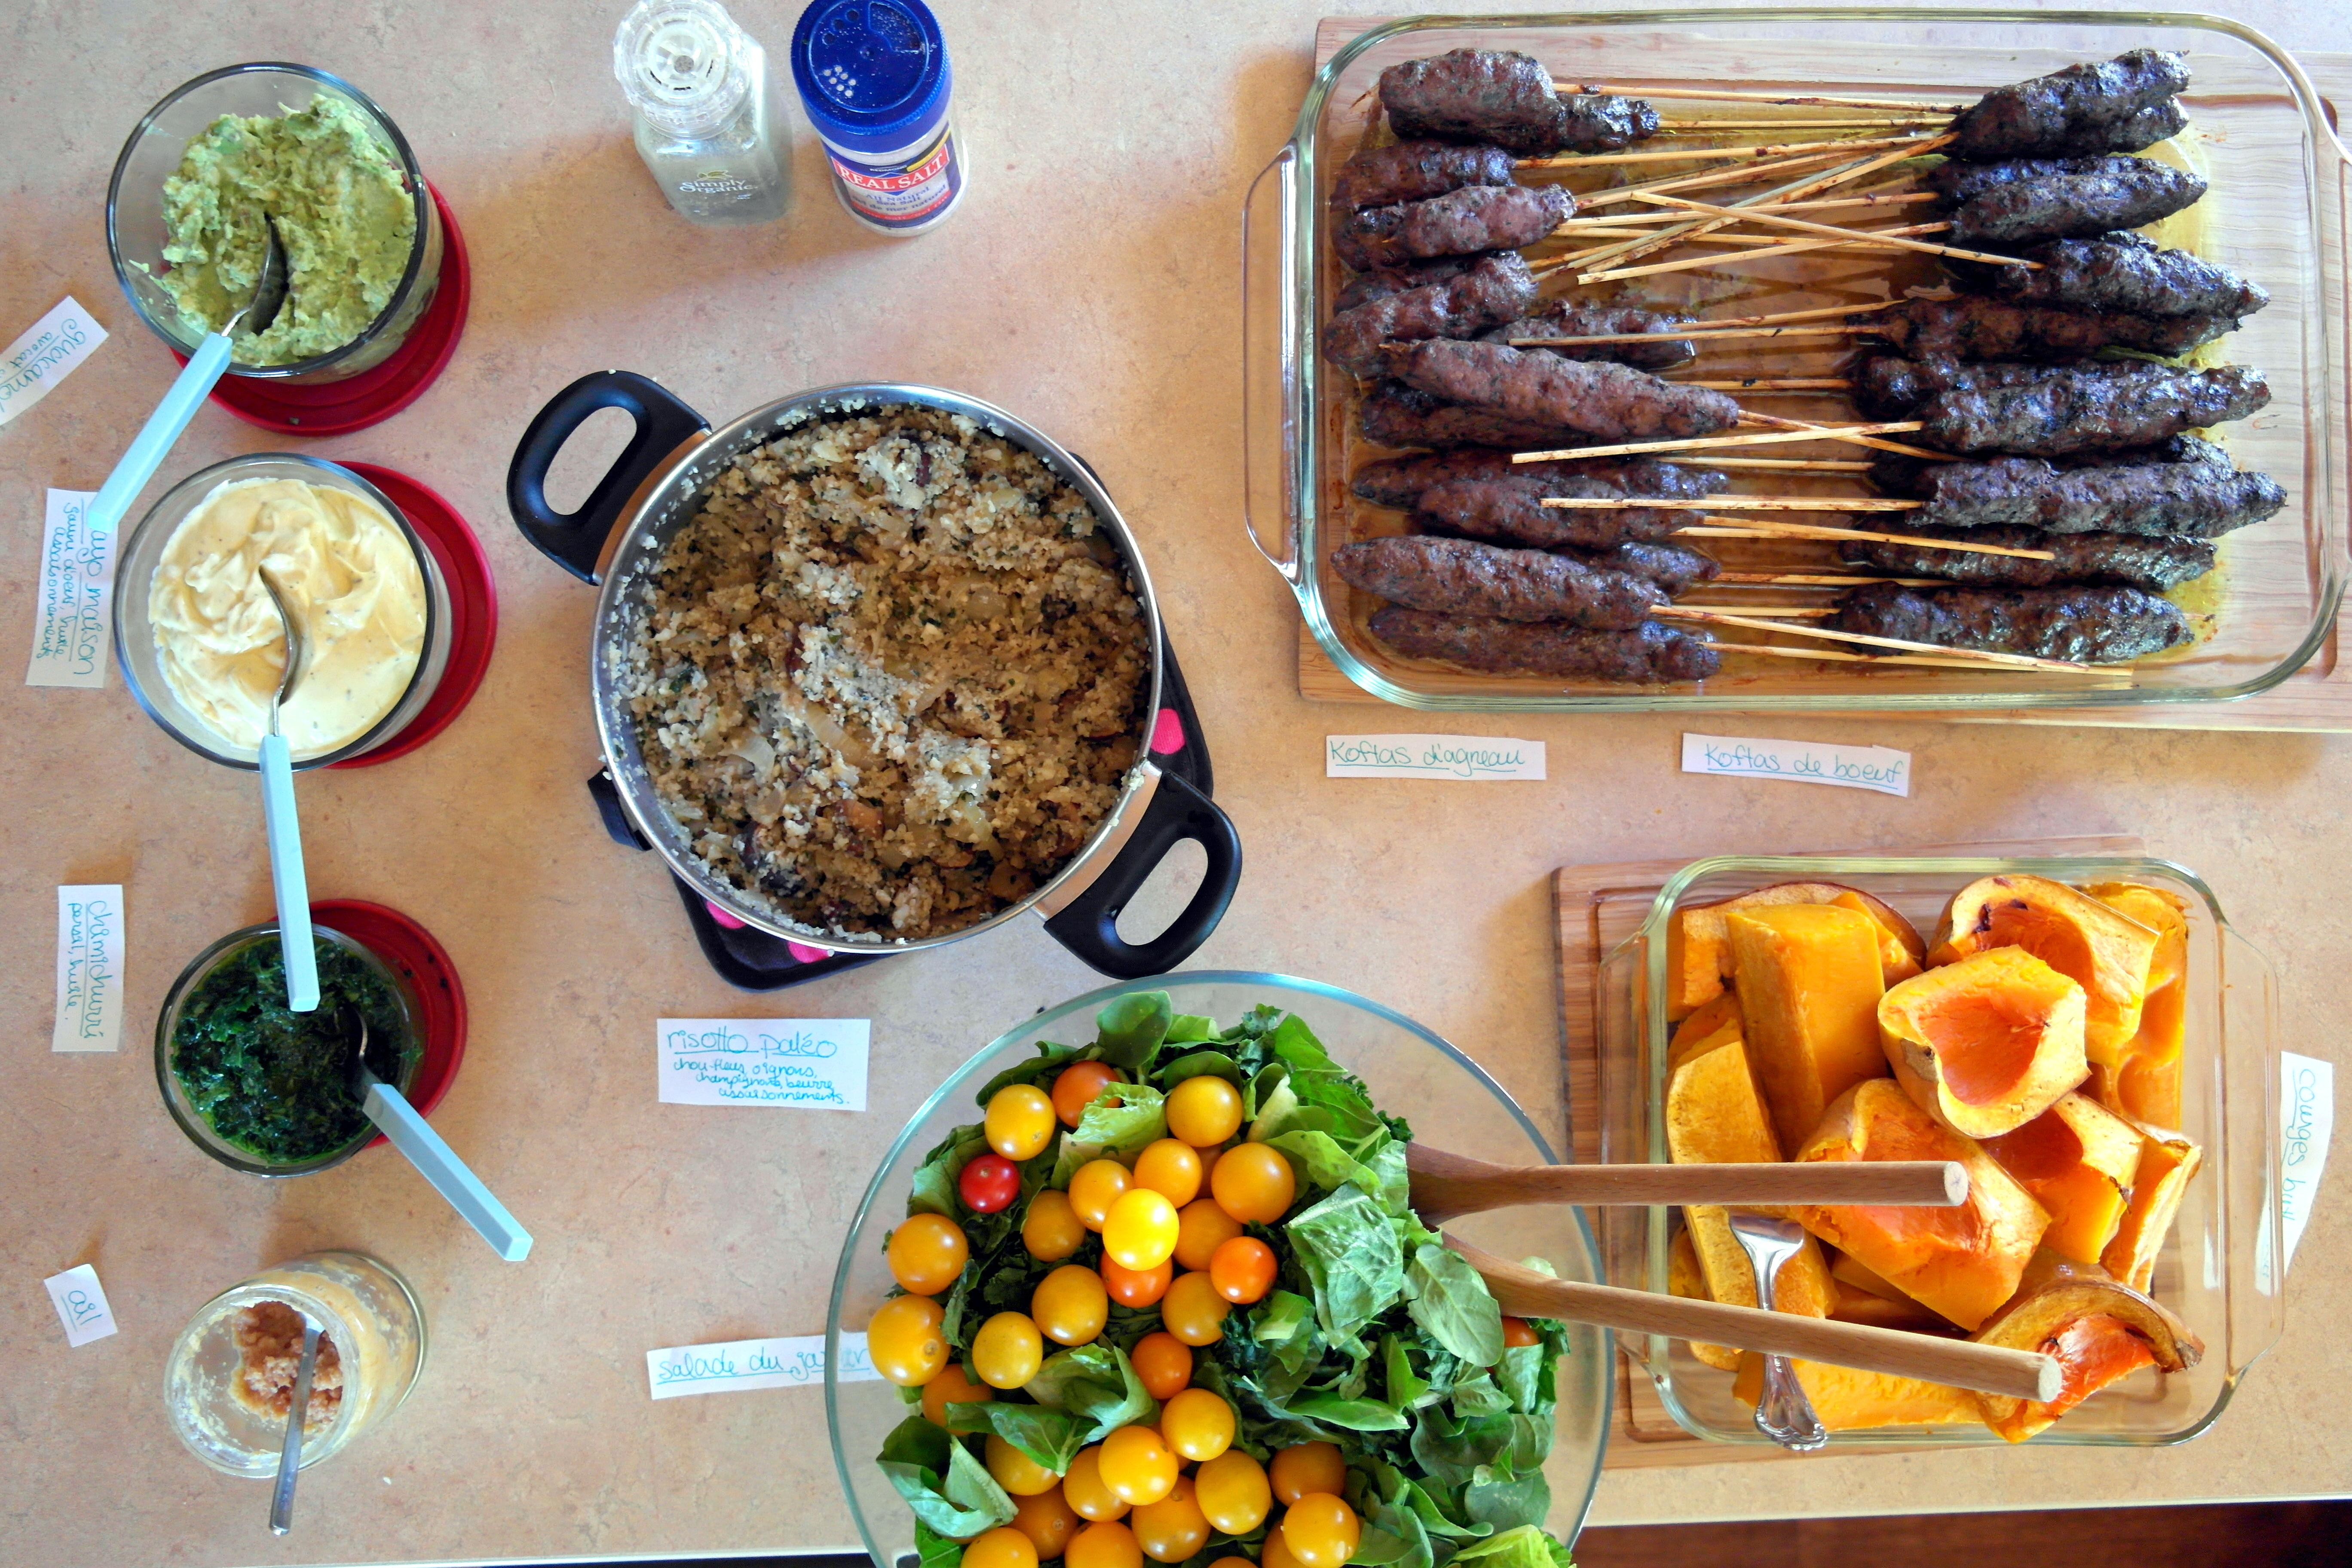 voici ce que mon buffet palo et sans gluten incluait - Idee De Buffet